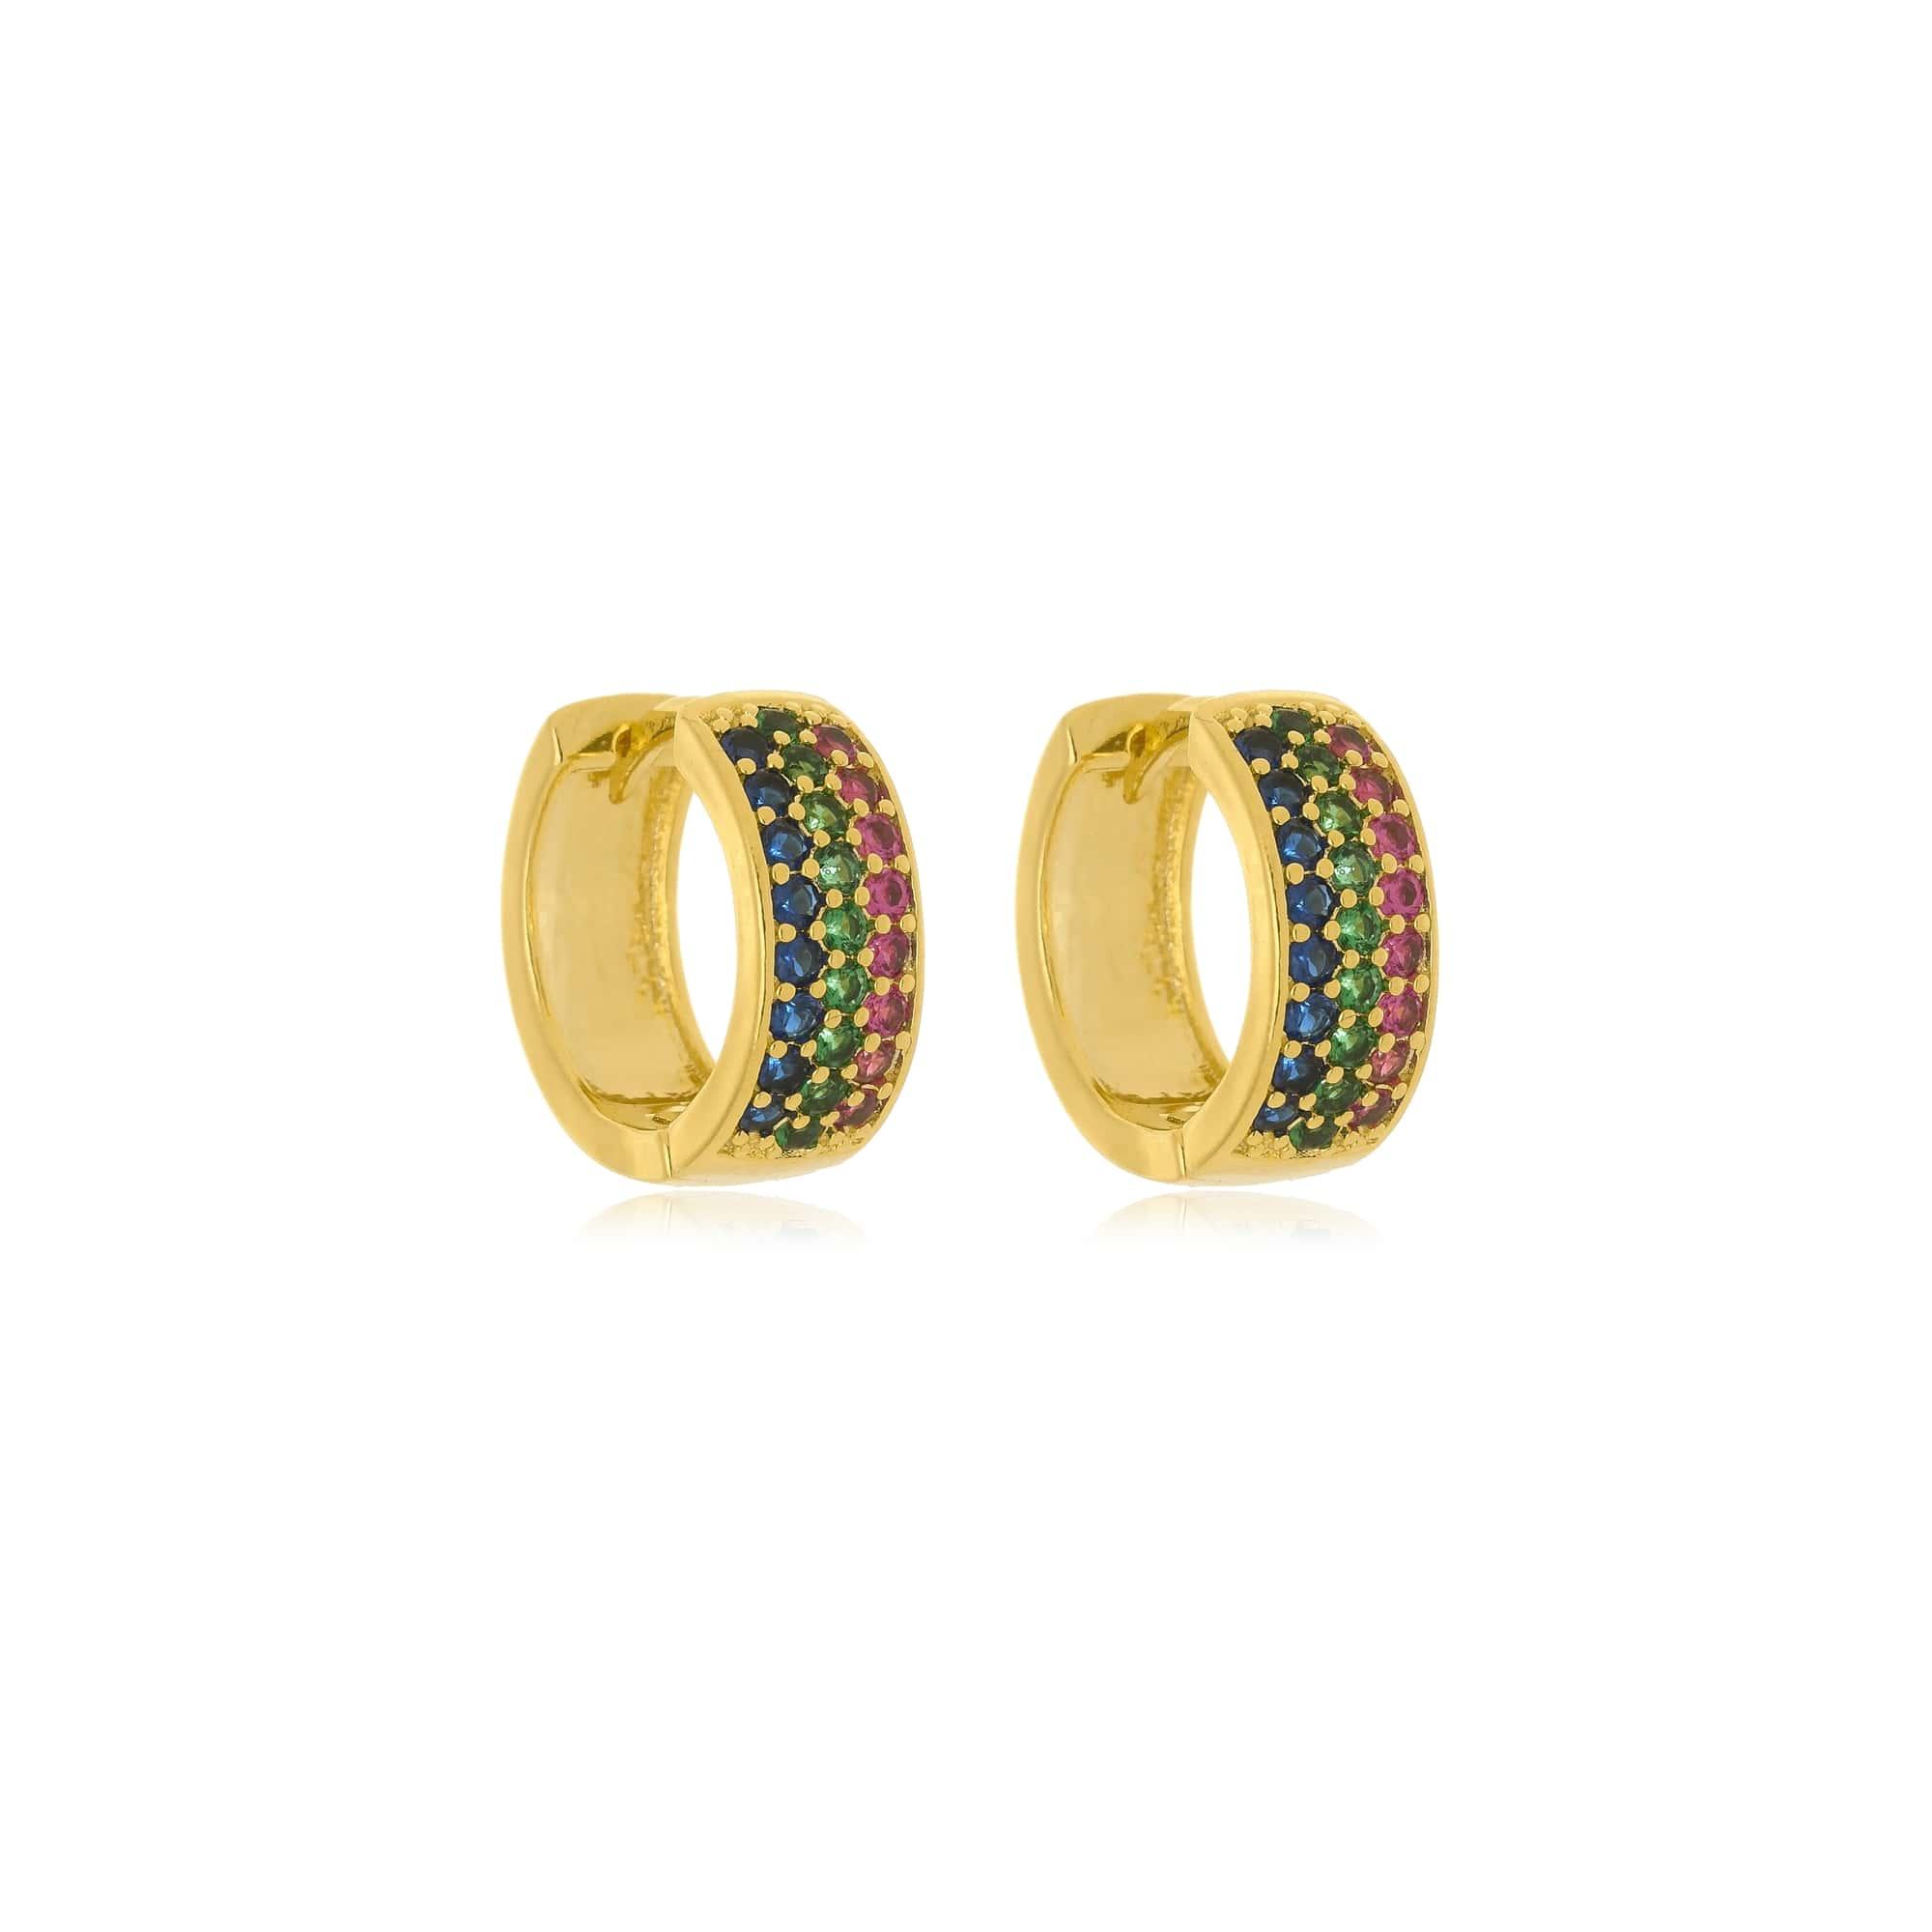 Argola três fileiras de zircônias coloridas folheada a ouro 18K